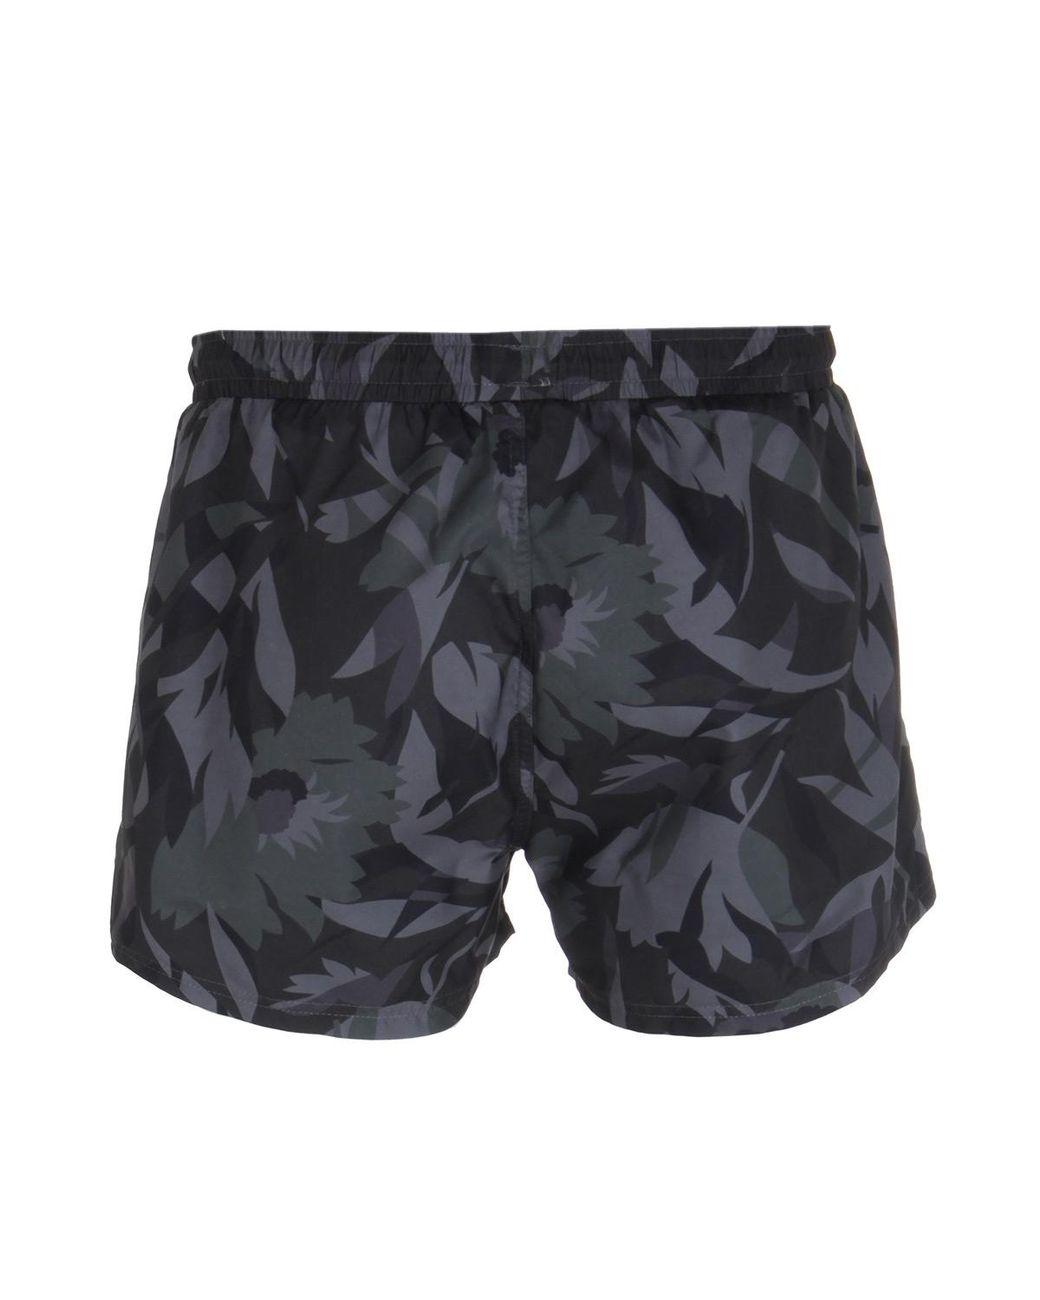 27ea1dfd9 BOSS Barreleye Contrast Print Swim Shorts in Black for Men - Lyst